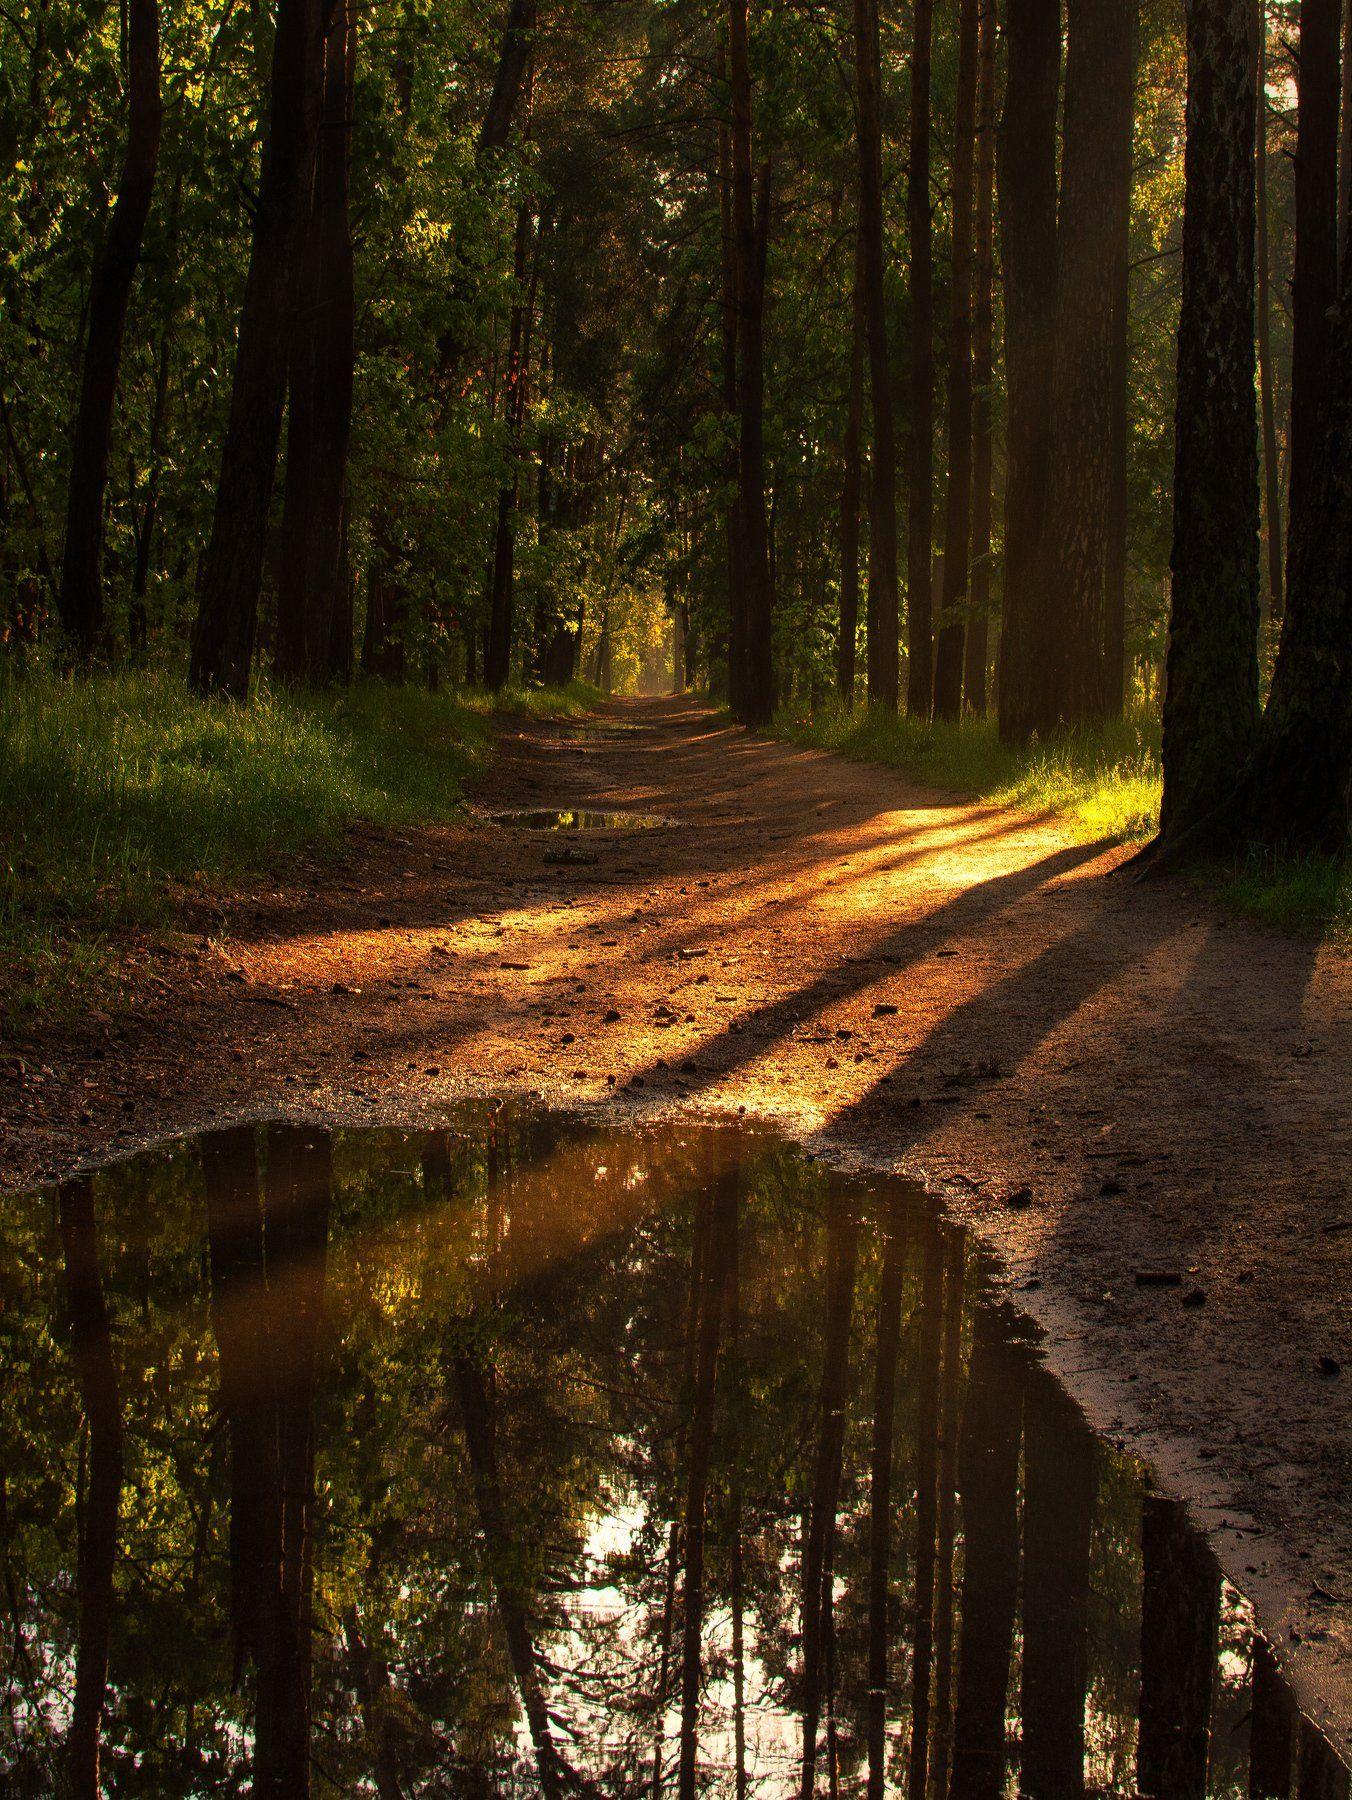 landscape, пейзаж, лес, природа, деревья, сосны, дорога, проселок, лужа, отражение, зеркало, прогулка, утро, солнце, солнечный свет., Михаил MSH